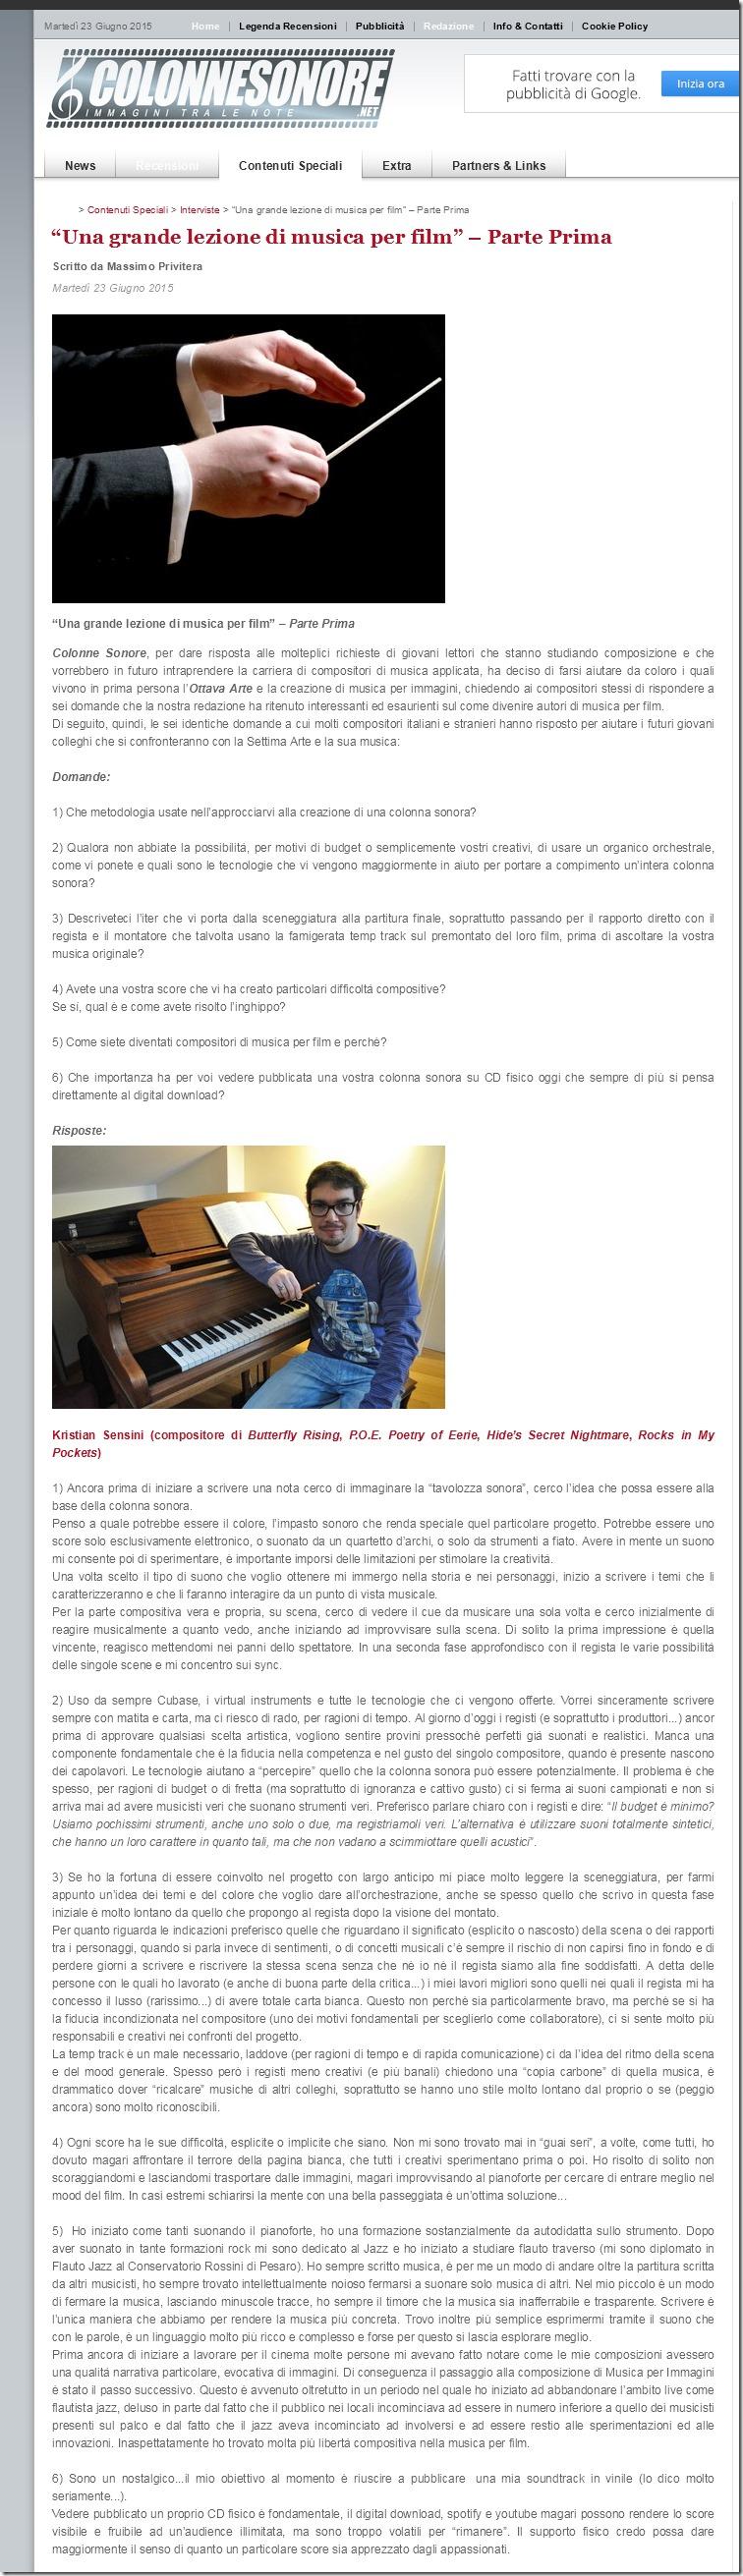 Lezione Musica da Film Colonne Sonore